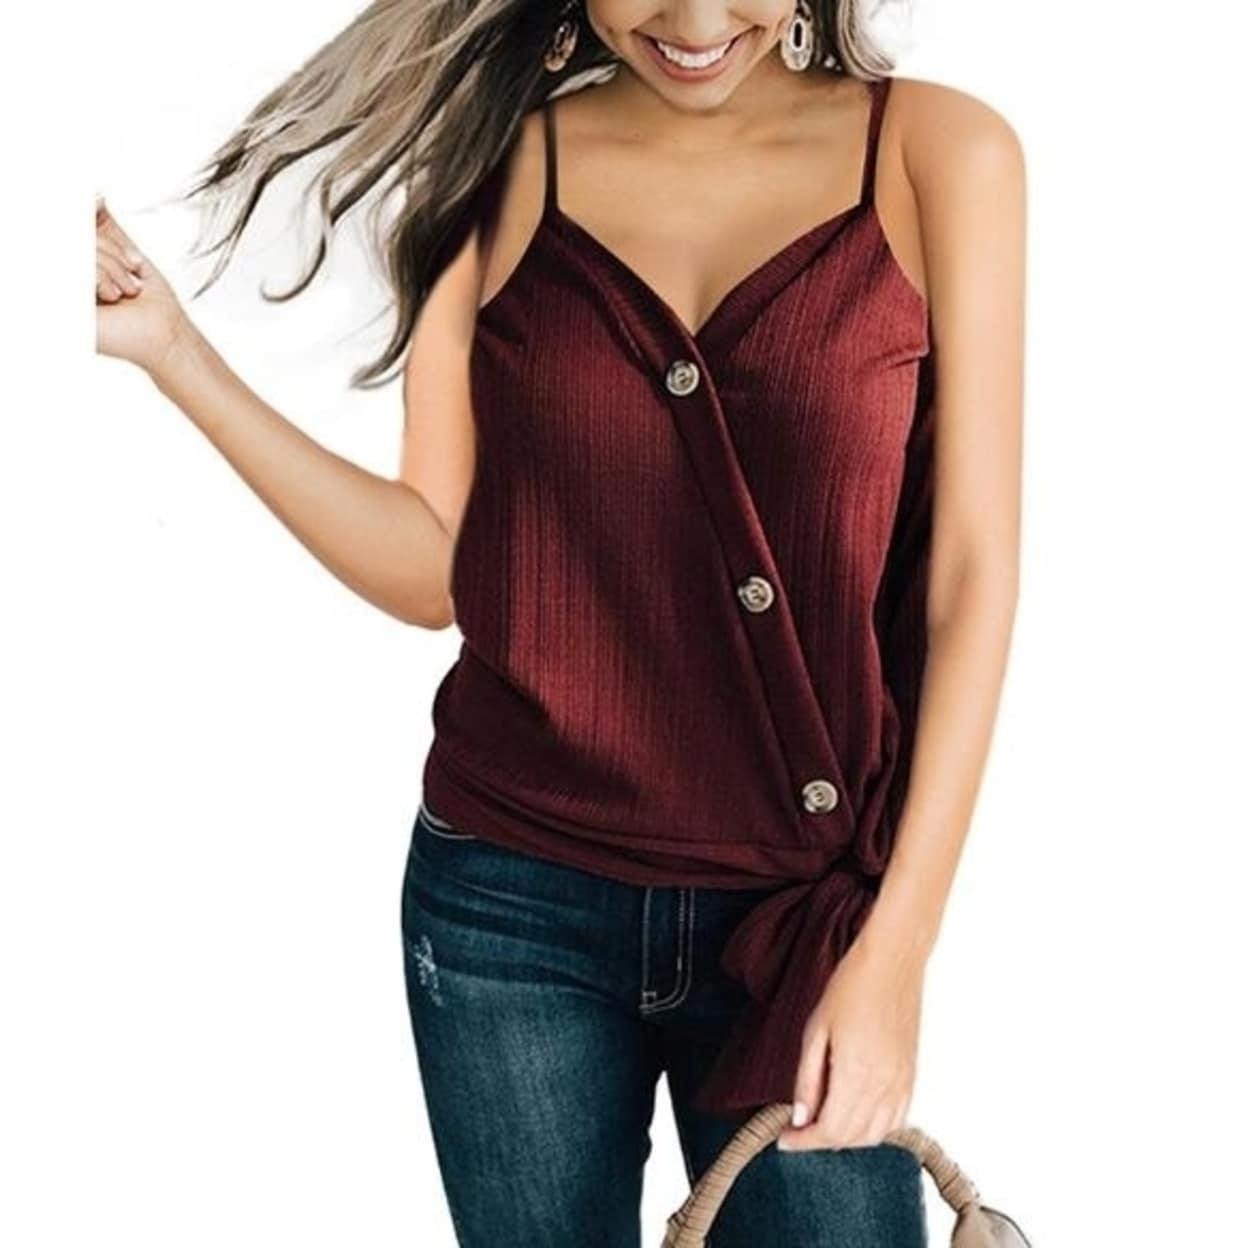 Women Short Sleeve Vest Blouse Casual Tank Tops Summer Crop Shirt Cami Tops US